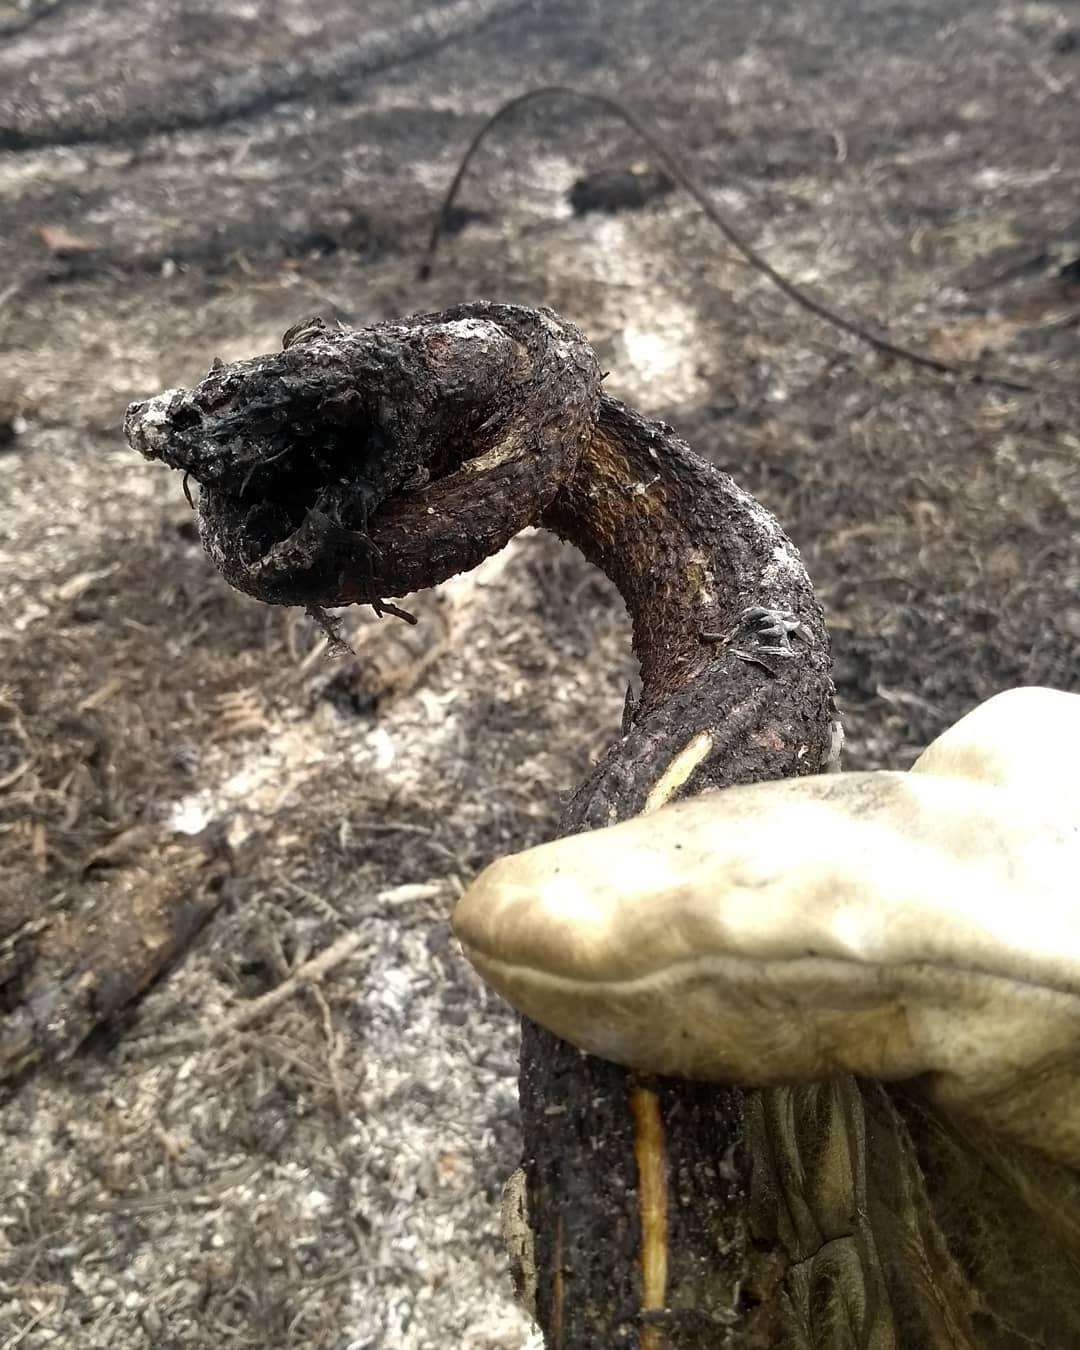 Cobra é encontrada carbonizada durante combate a incêndio florestal na Região Serrana do RJ